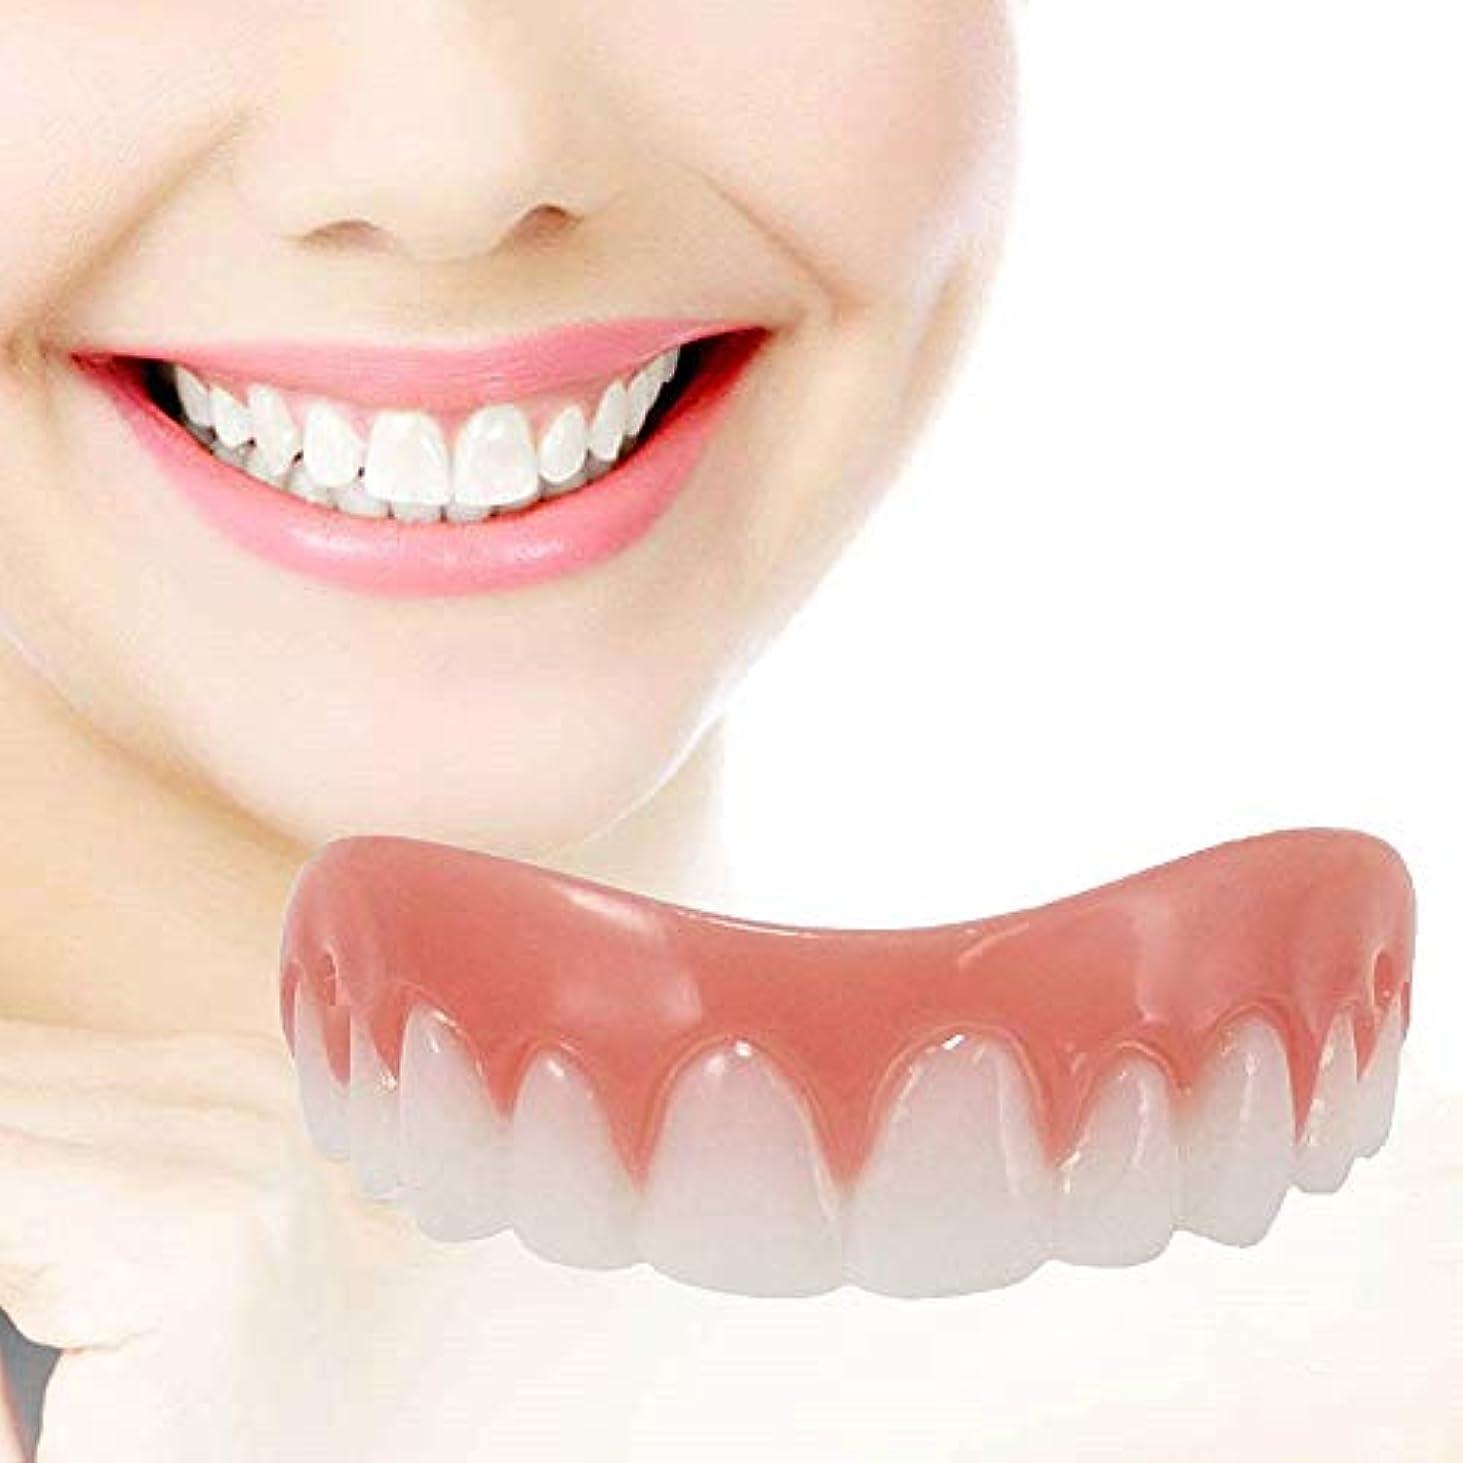 彫るむさぼり食うソブリケット女性、人のために白くなる即刻のベニヤの義歯の微笑の慰めの適合の屈曲の化粧品の偽歯